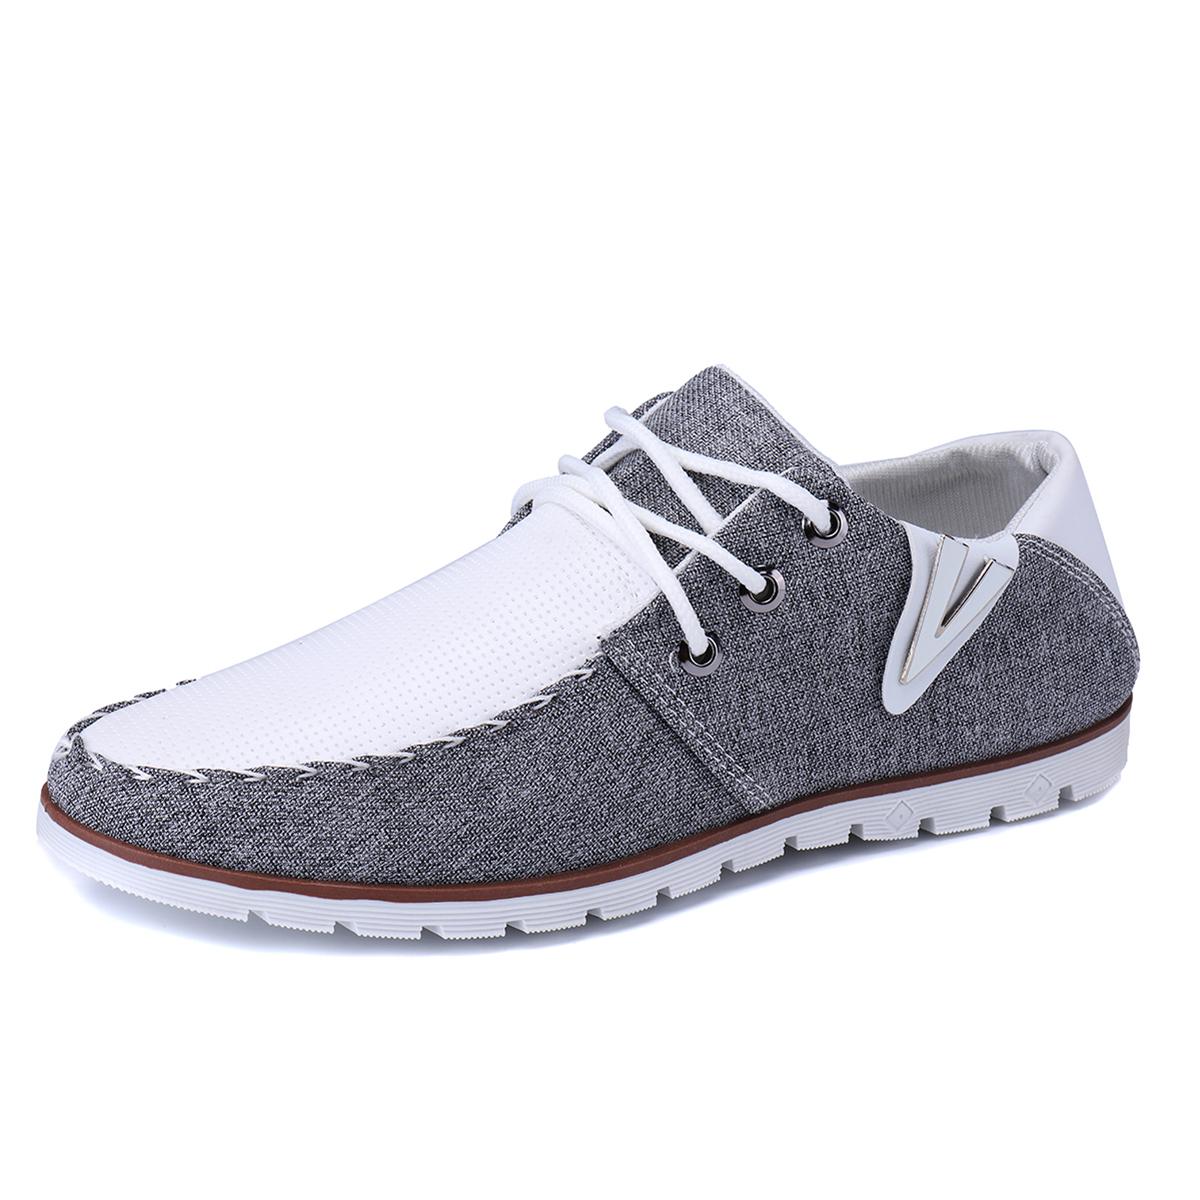 HTAO Mens Casual Splice Flat Boat Slip On Walking Shoes